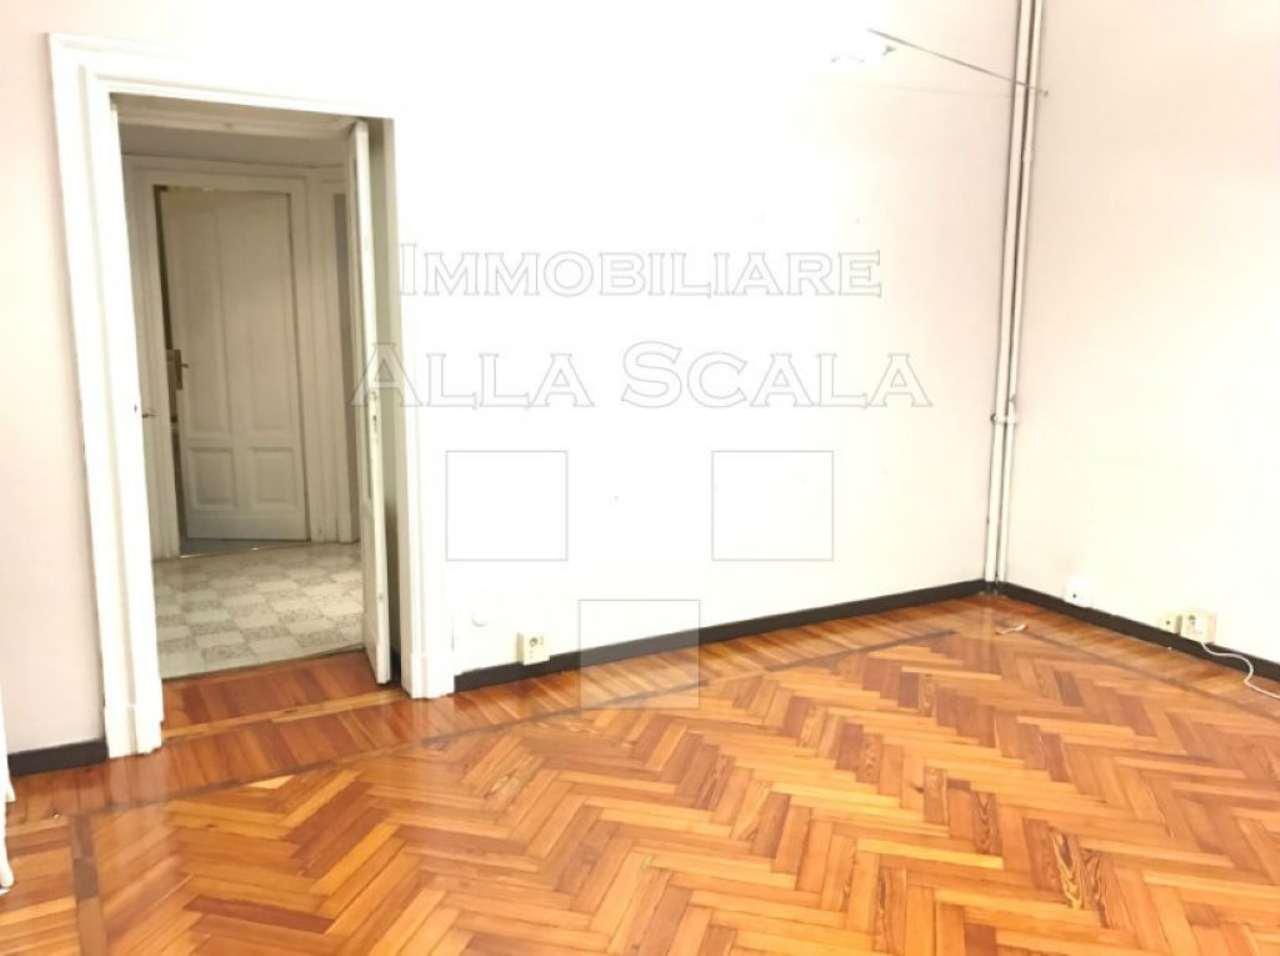 Ufficio studio in affitto a milano via ariosto trovocasa for Ufficio affitto